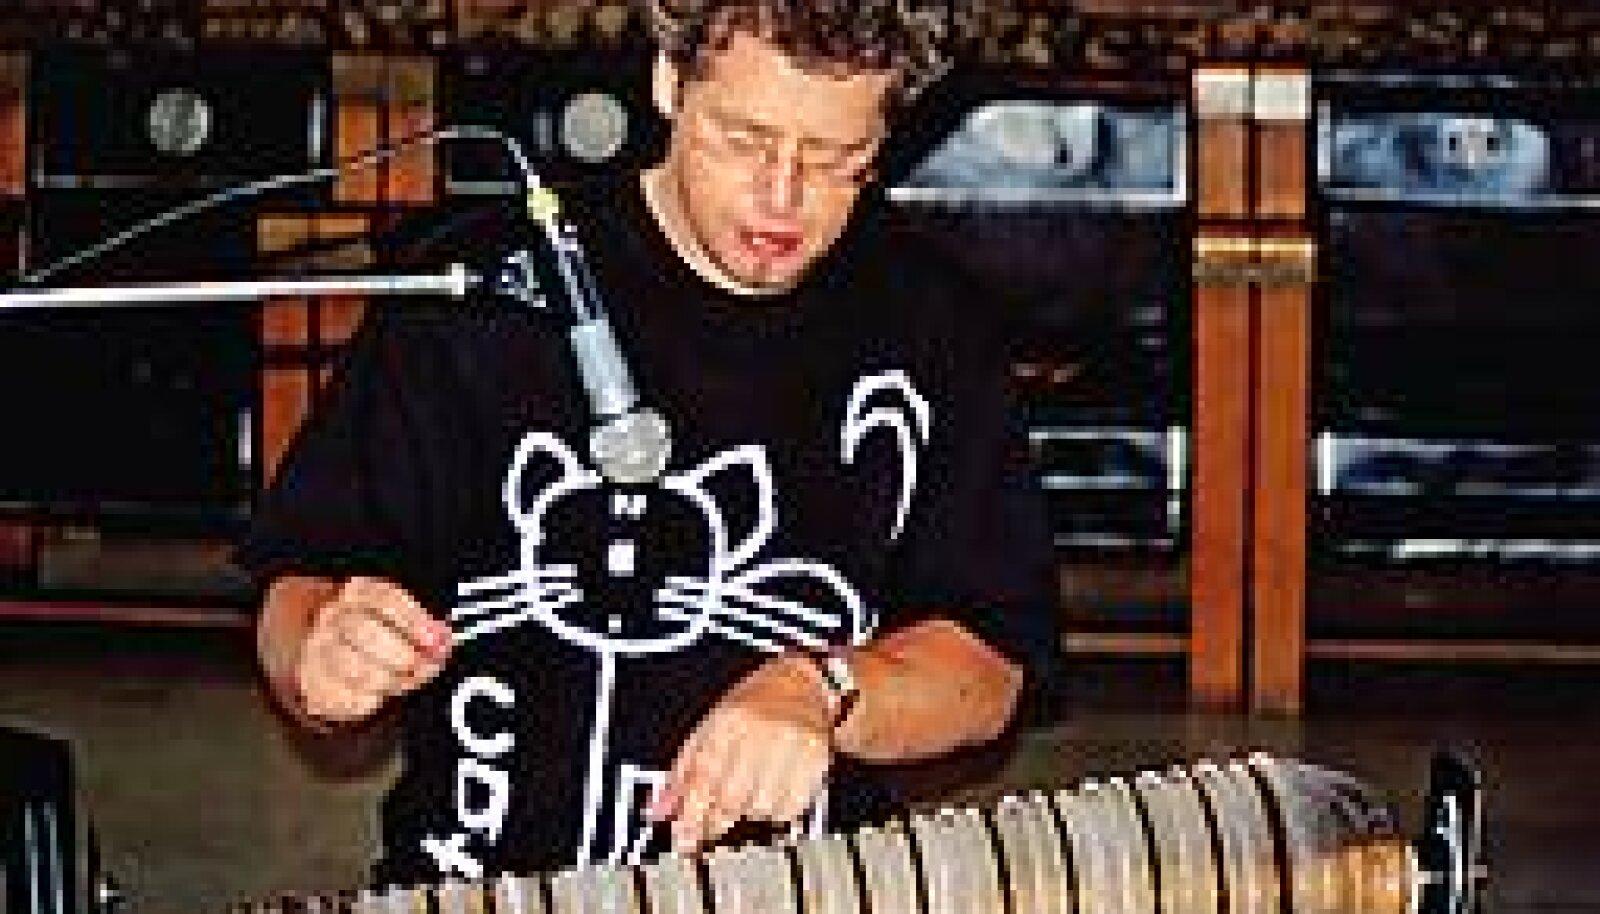 TEEB KLAASJAT HELI: Thomas Bloch klaasharmoonikat mängimas. PEETER VÄHI